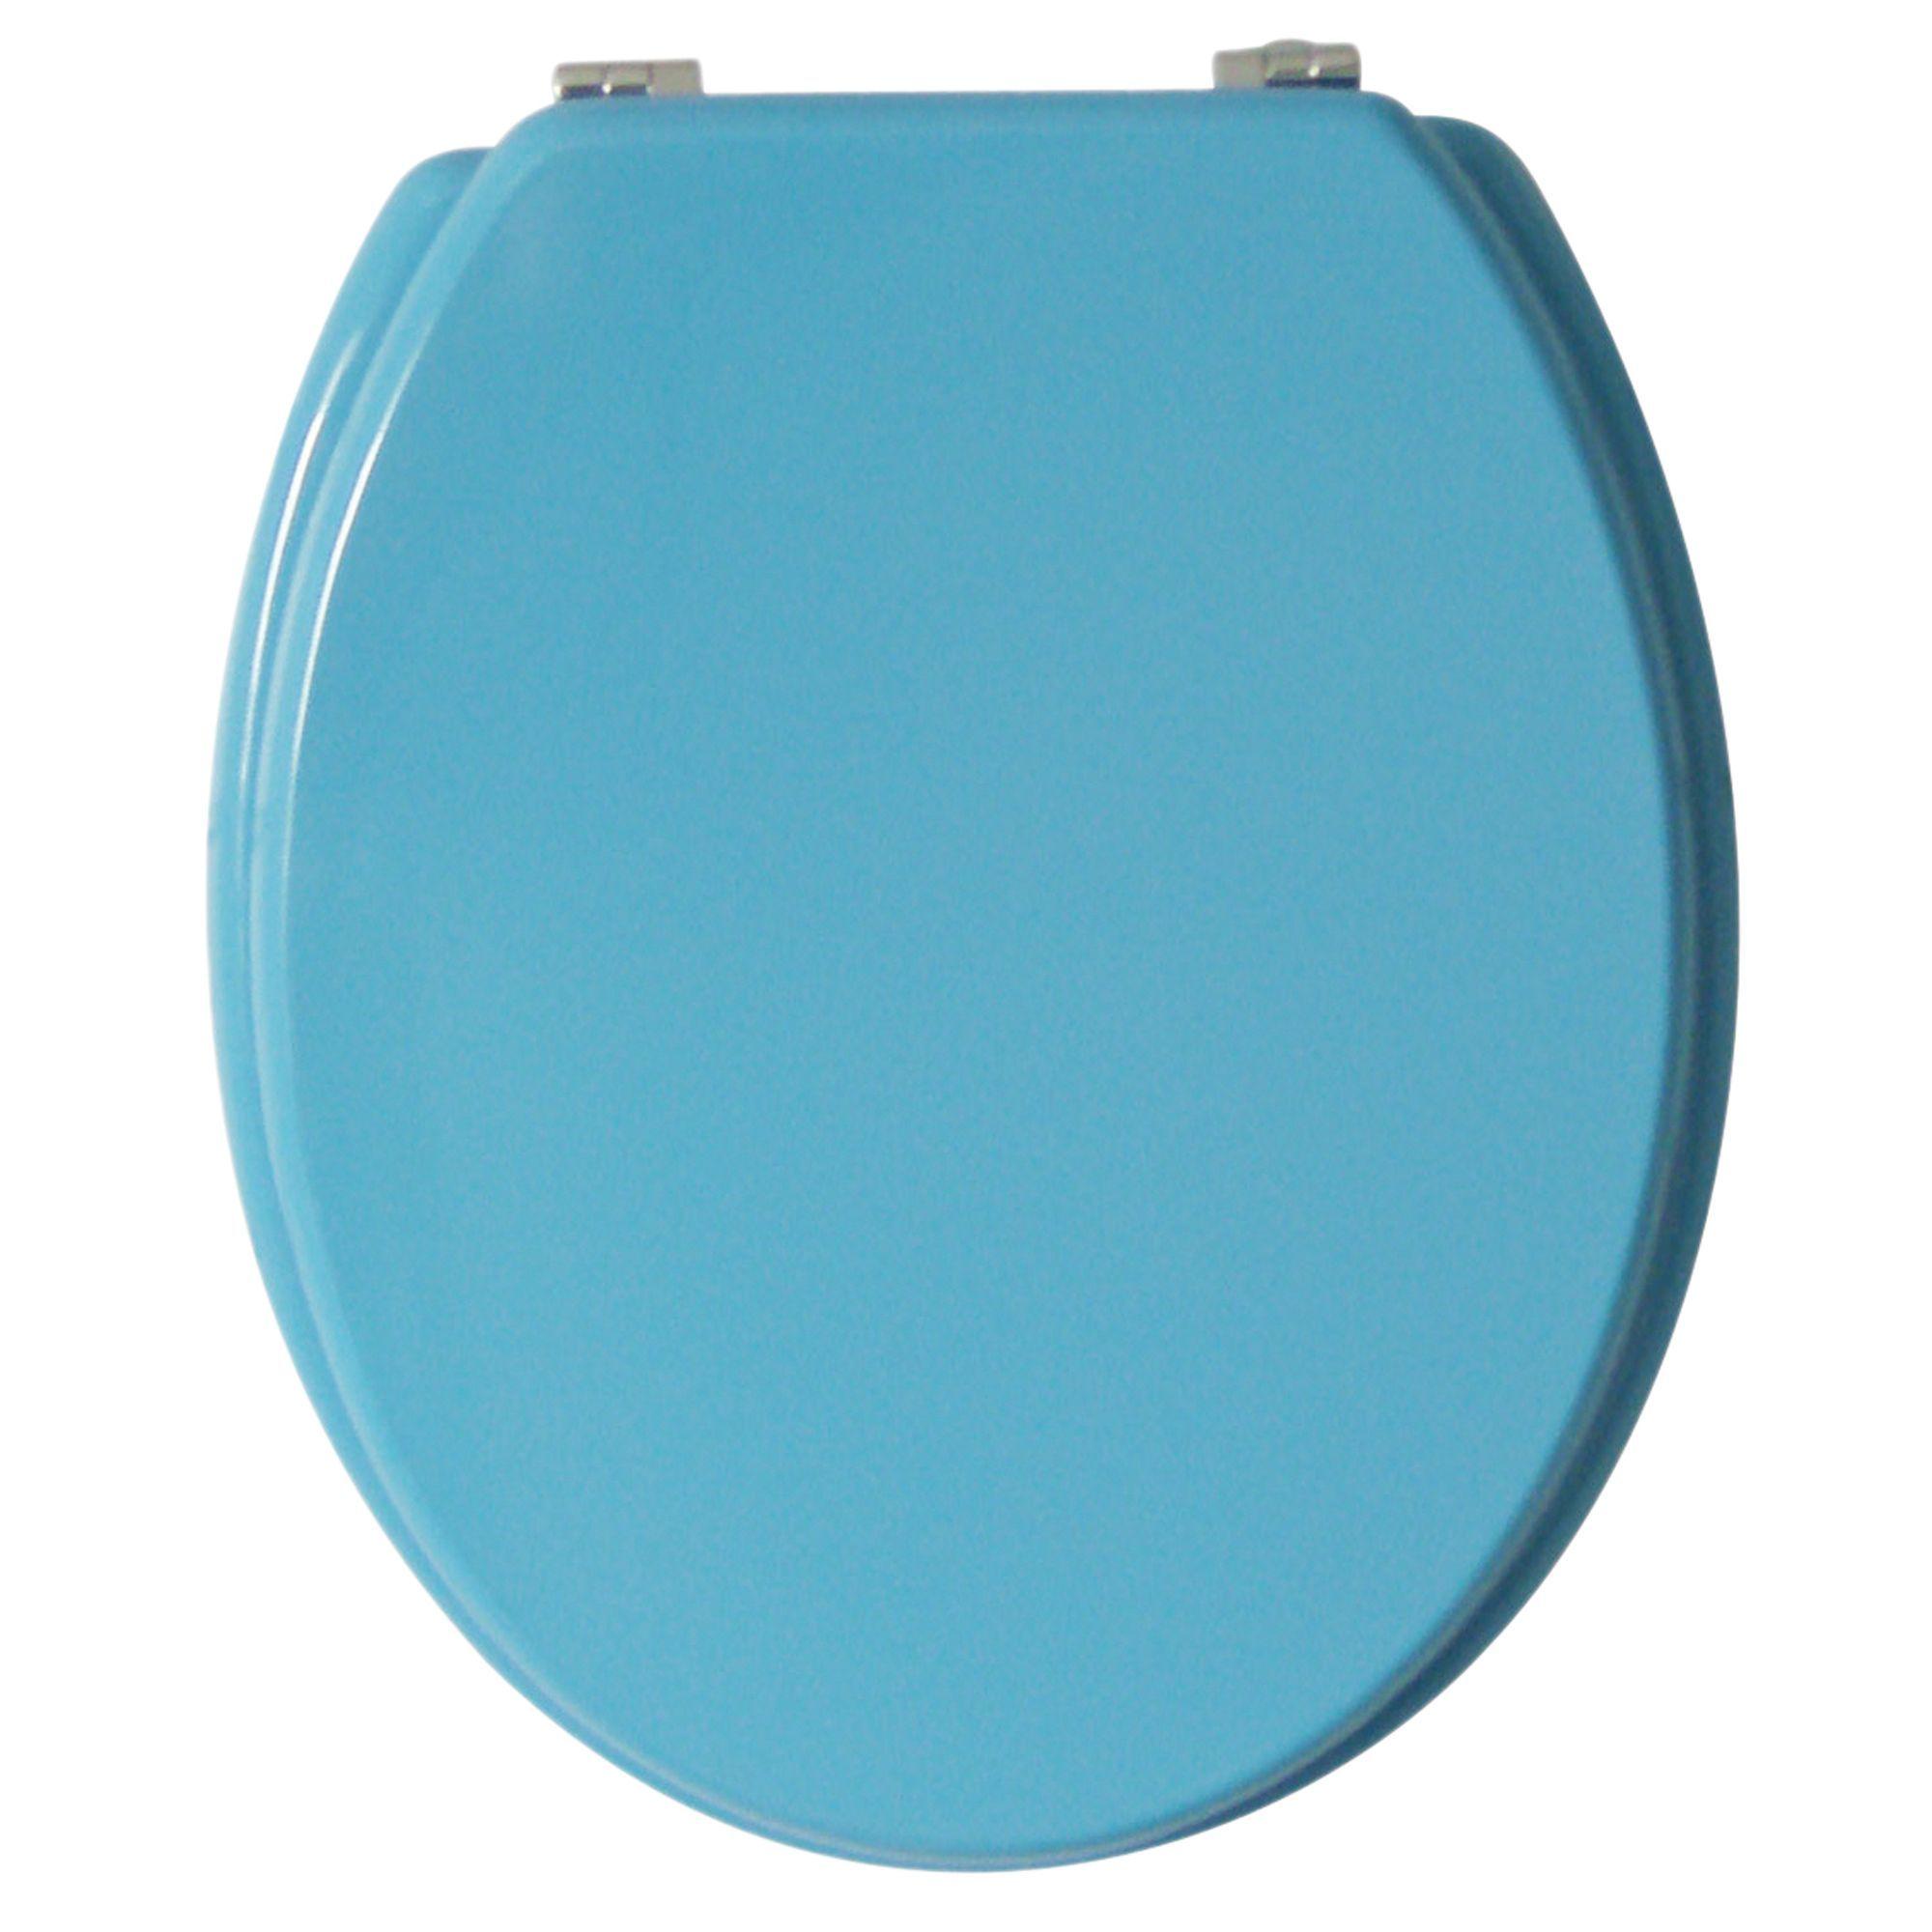 Cooke Lewis Bailey Blue Toilet Seat En Suite Pinterest Blue